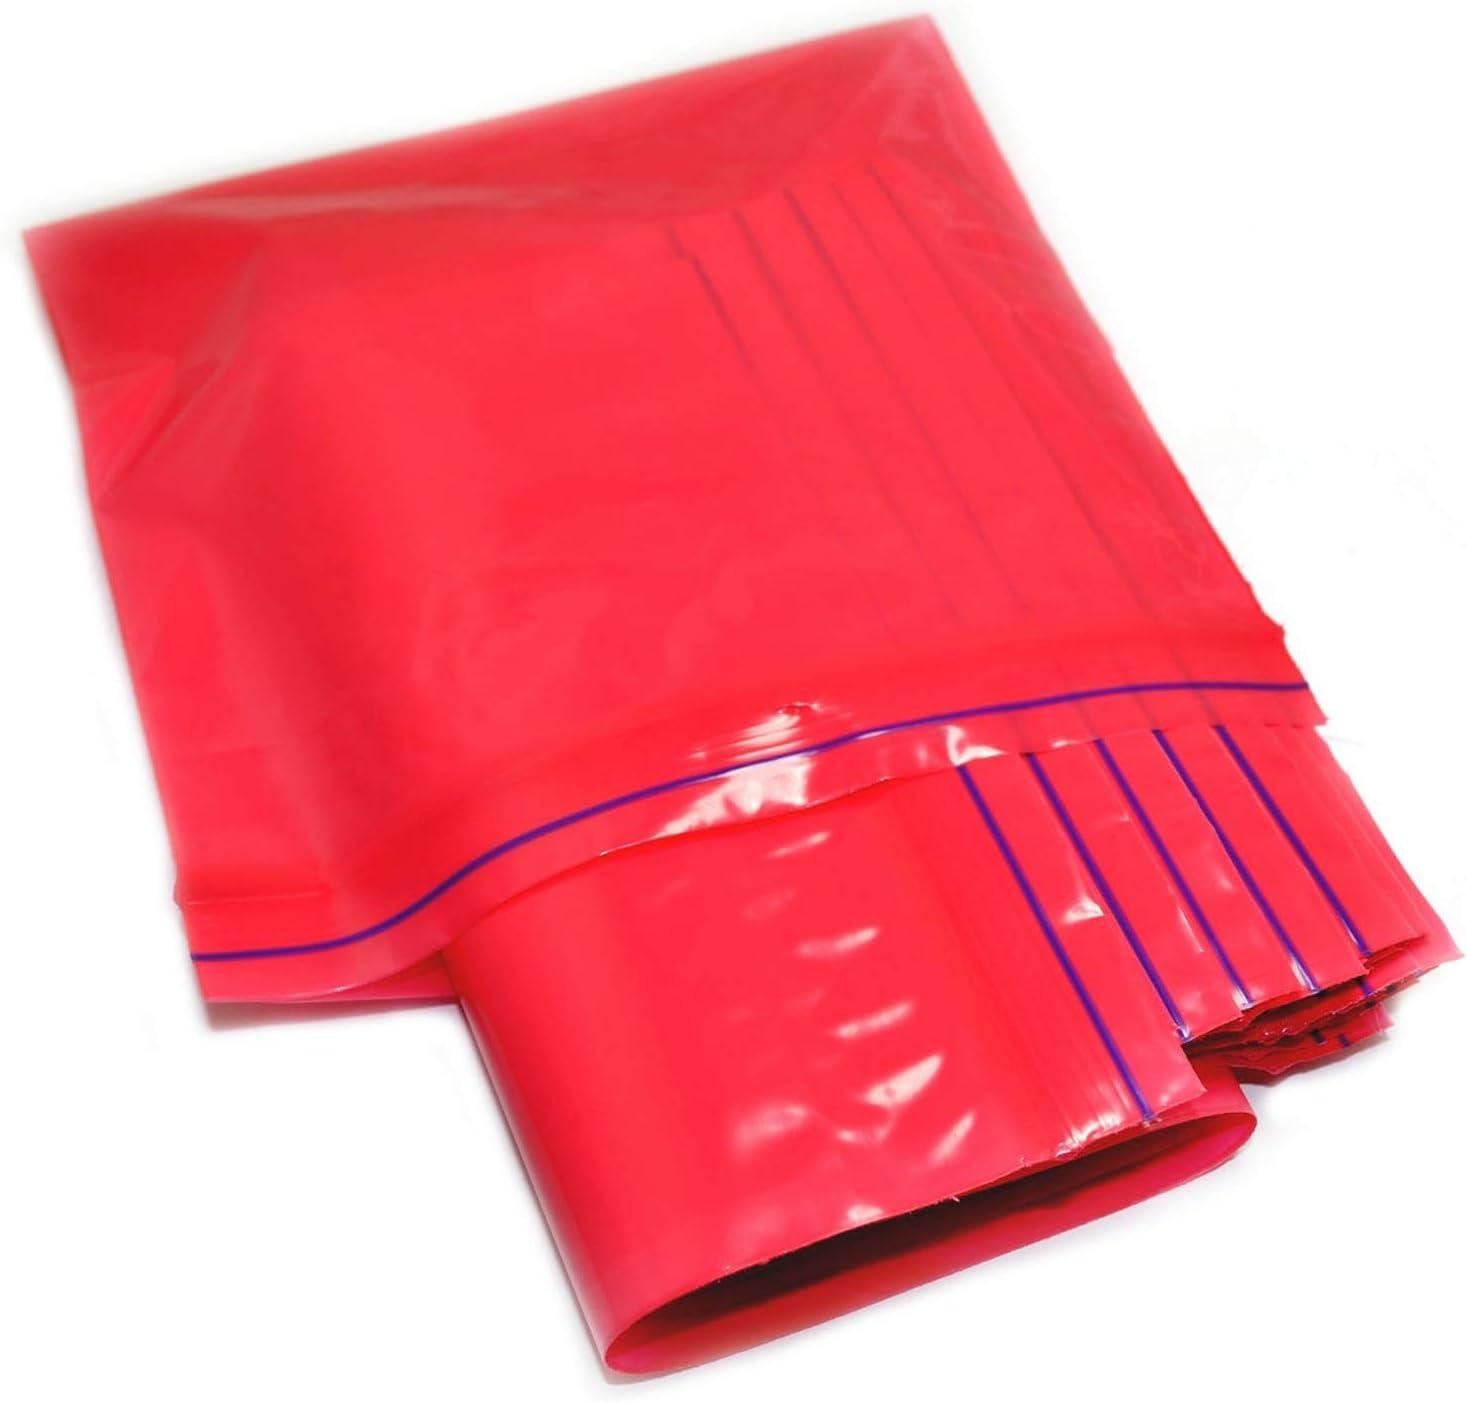 Rolli Ziplock Beutel Farbig Zip Beutel Druckverschlussbeutel Set Zip Druckverschluss Beutel Druckverschlussbeutel Gold 40x60 300stk